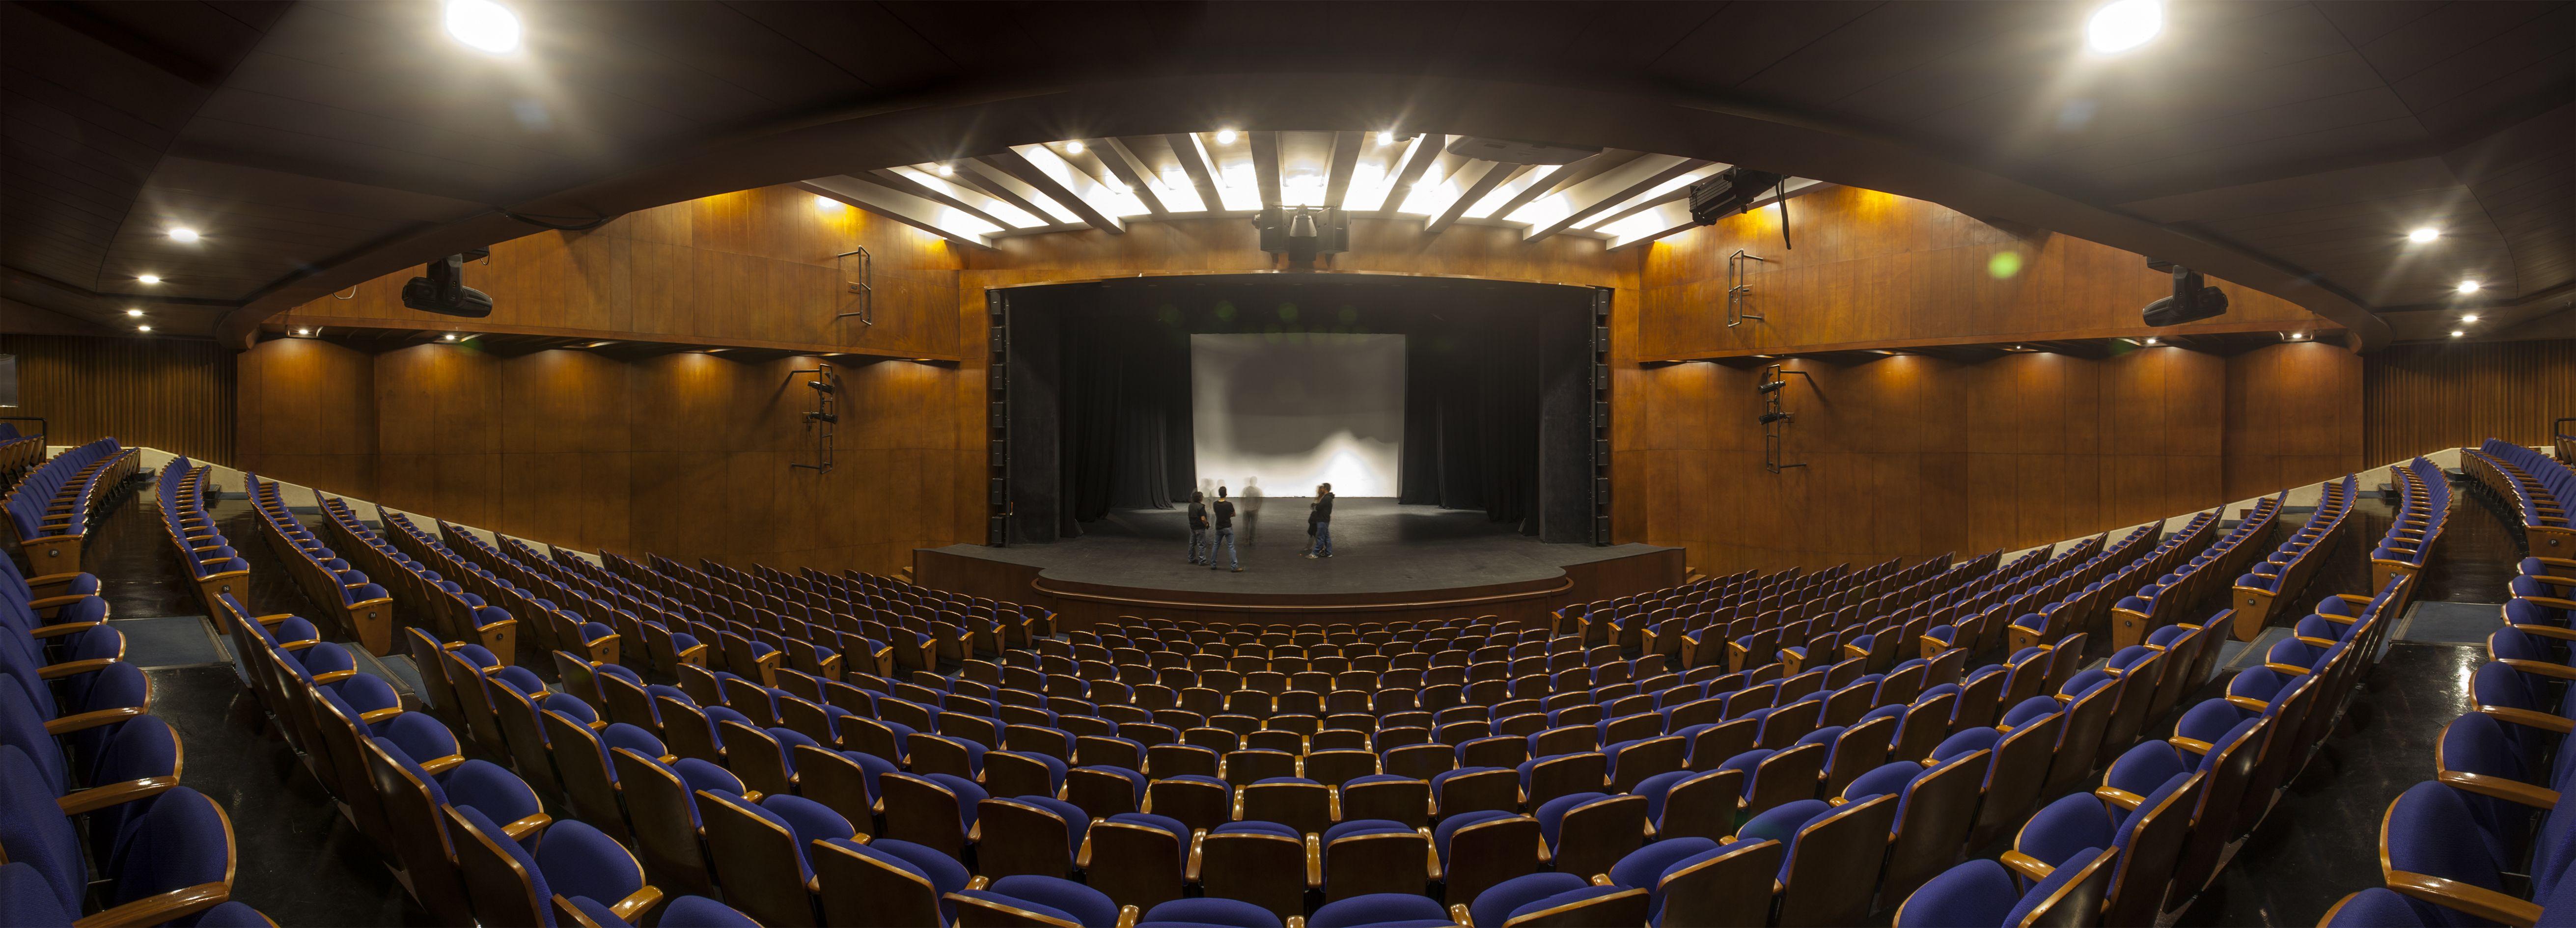 teatro BELLAS ARTES CAFAM | Bellas artes, Arte, Teatro